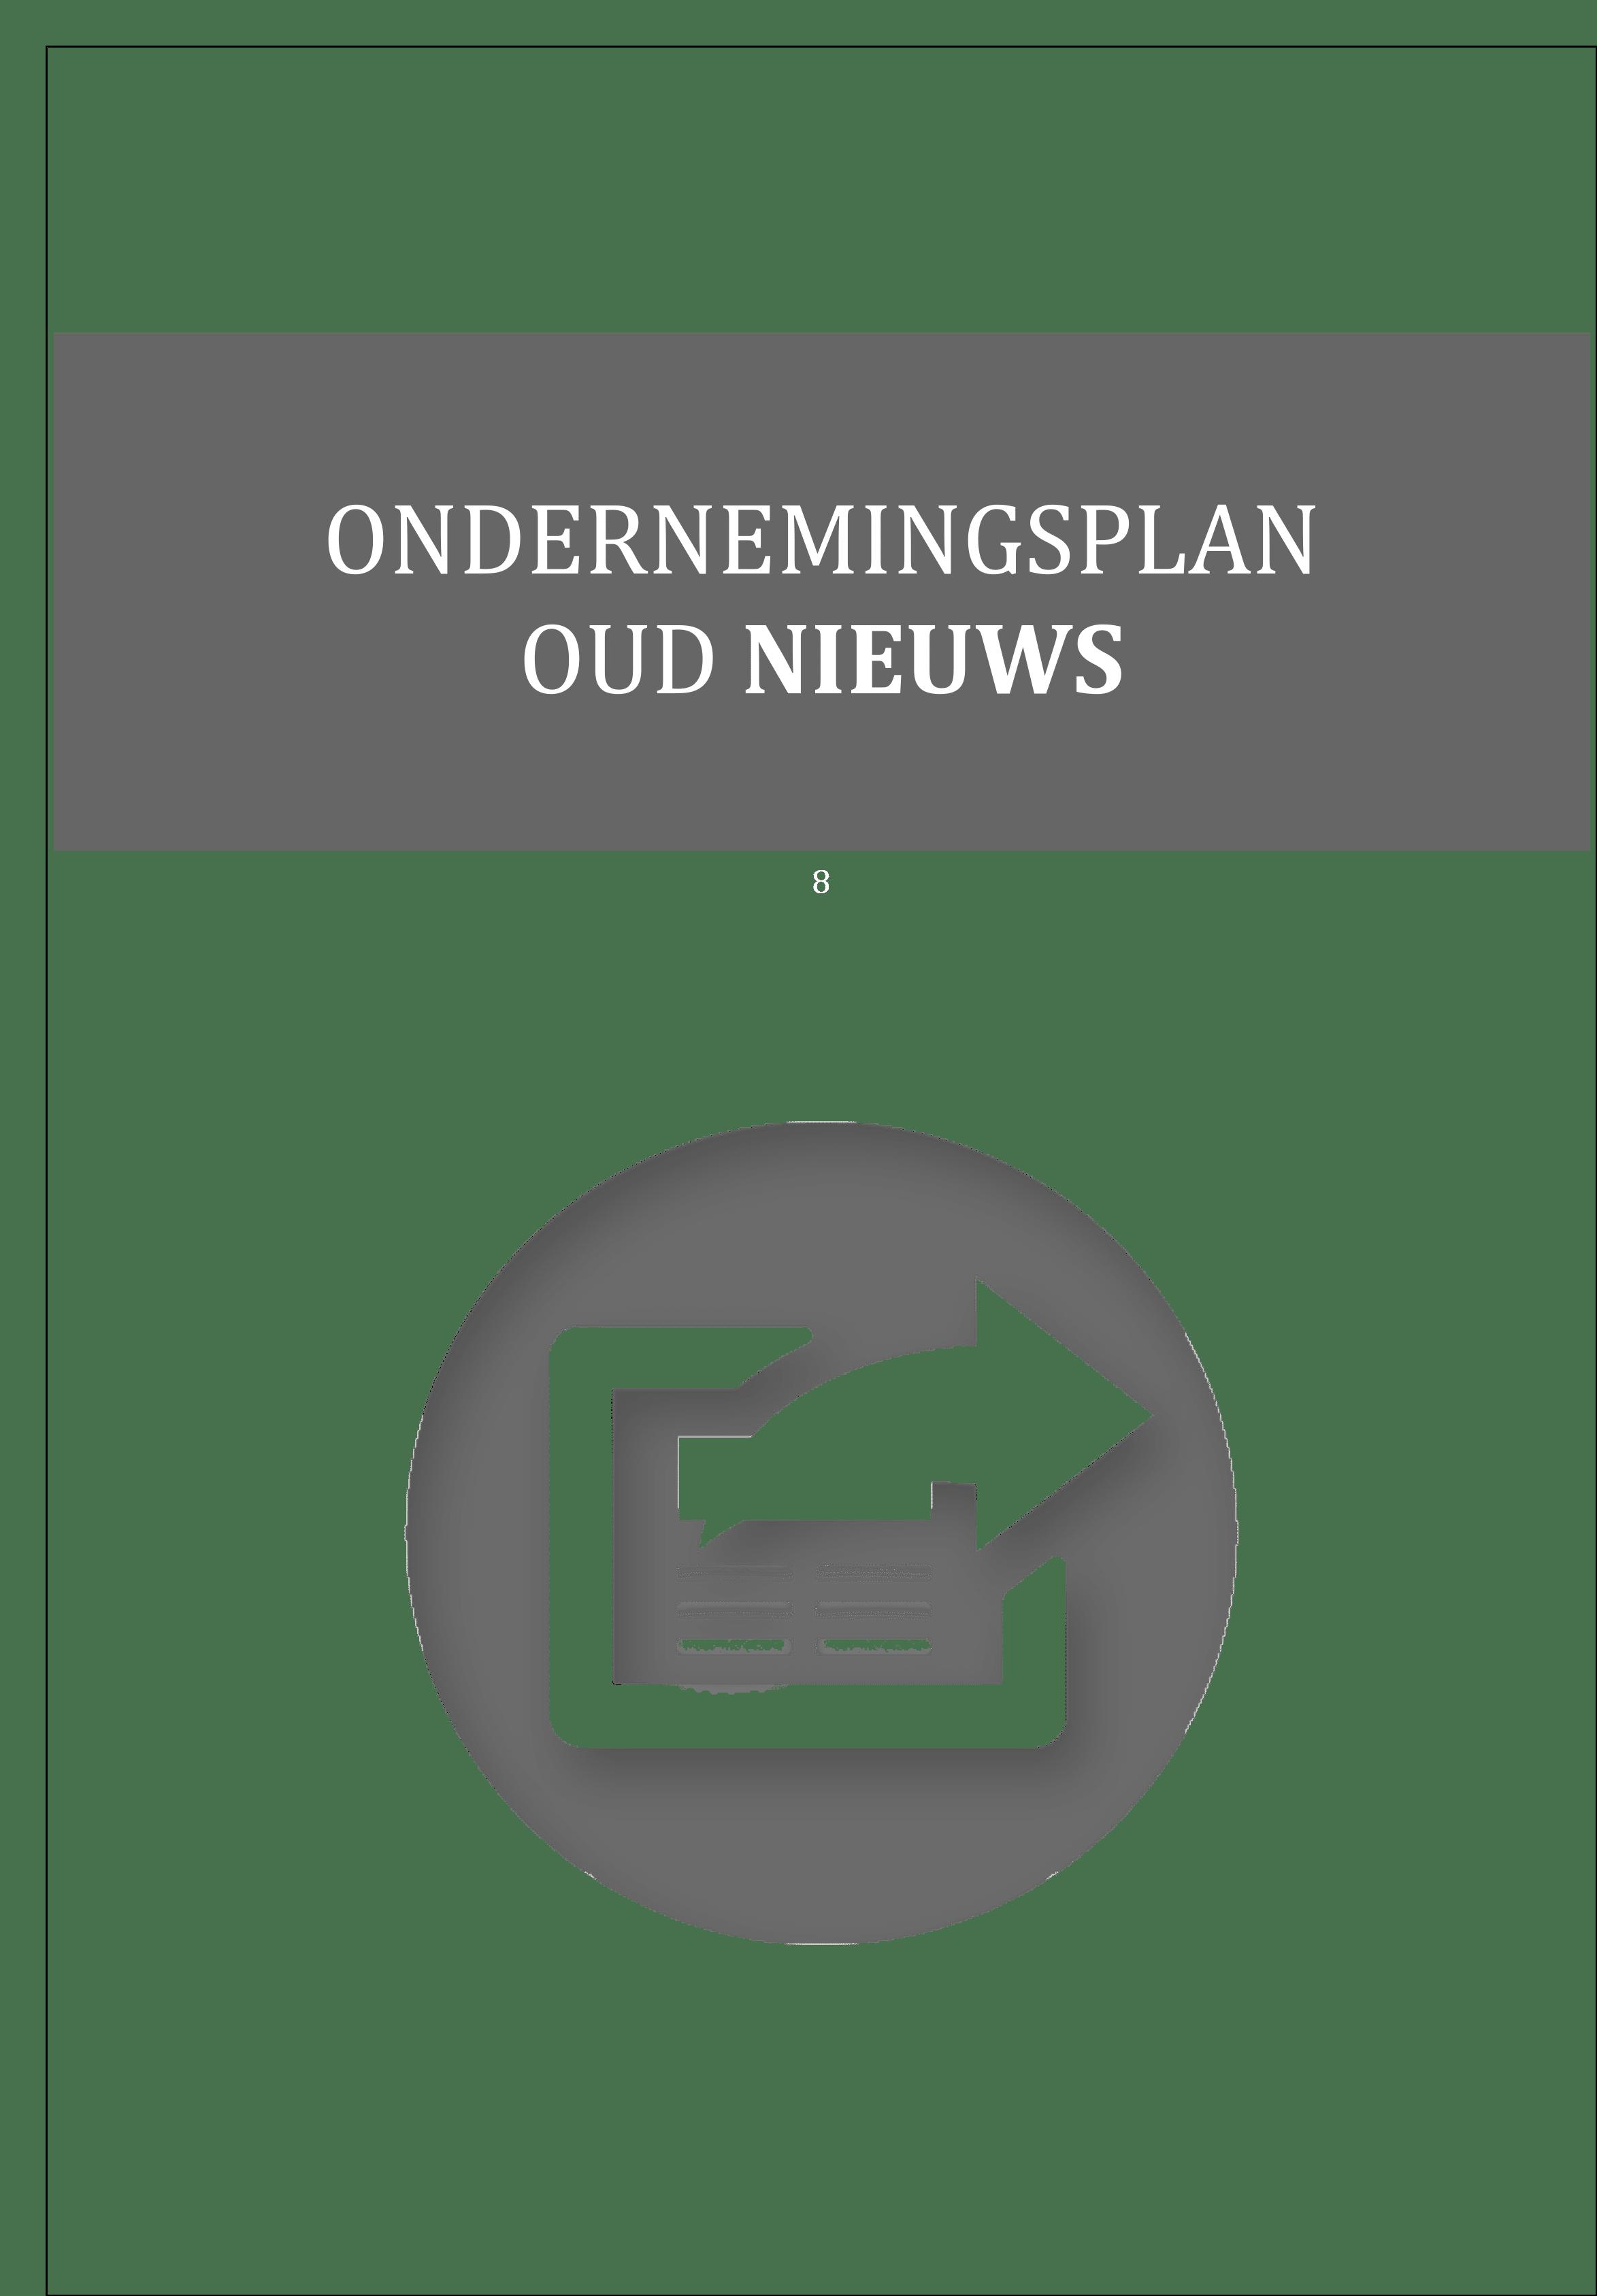 voorbeeld-ondernemingsplan-thumb